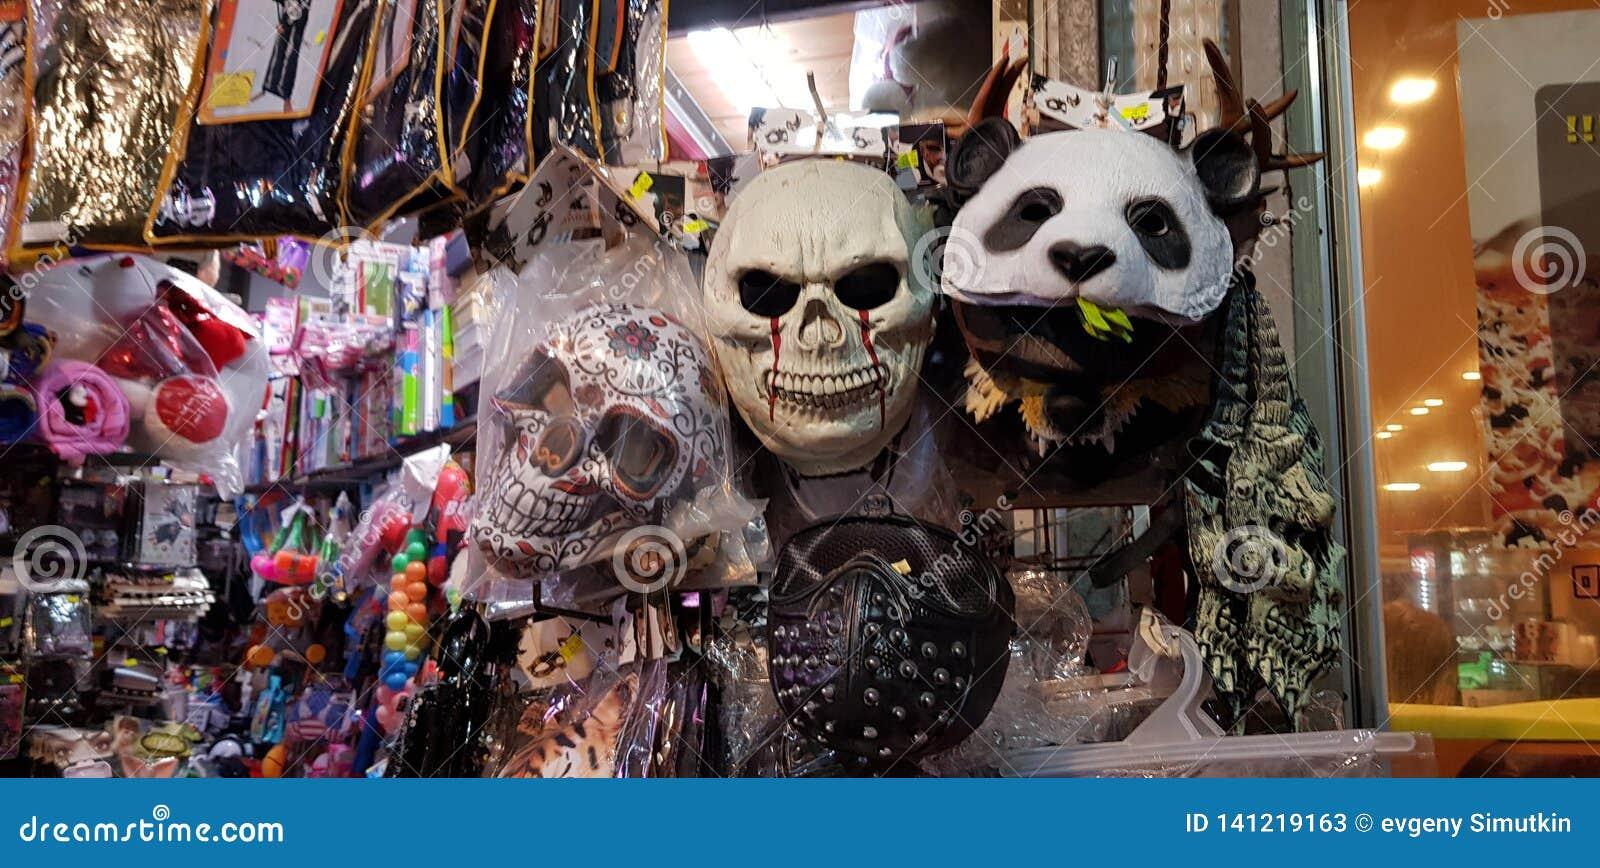 Enge maskers en ander plastic kleurrijk die materiaal voor kinderen voor verkoop in een winkel vóór Joodse purimmaskerade worden